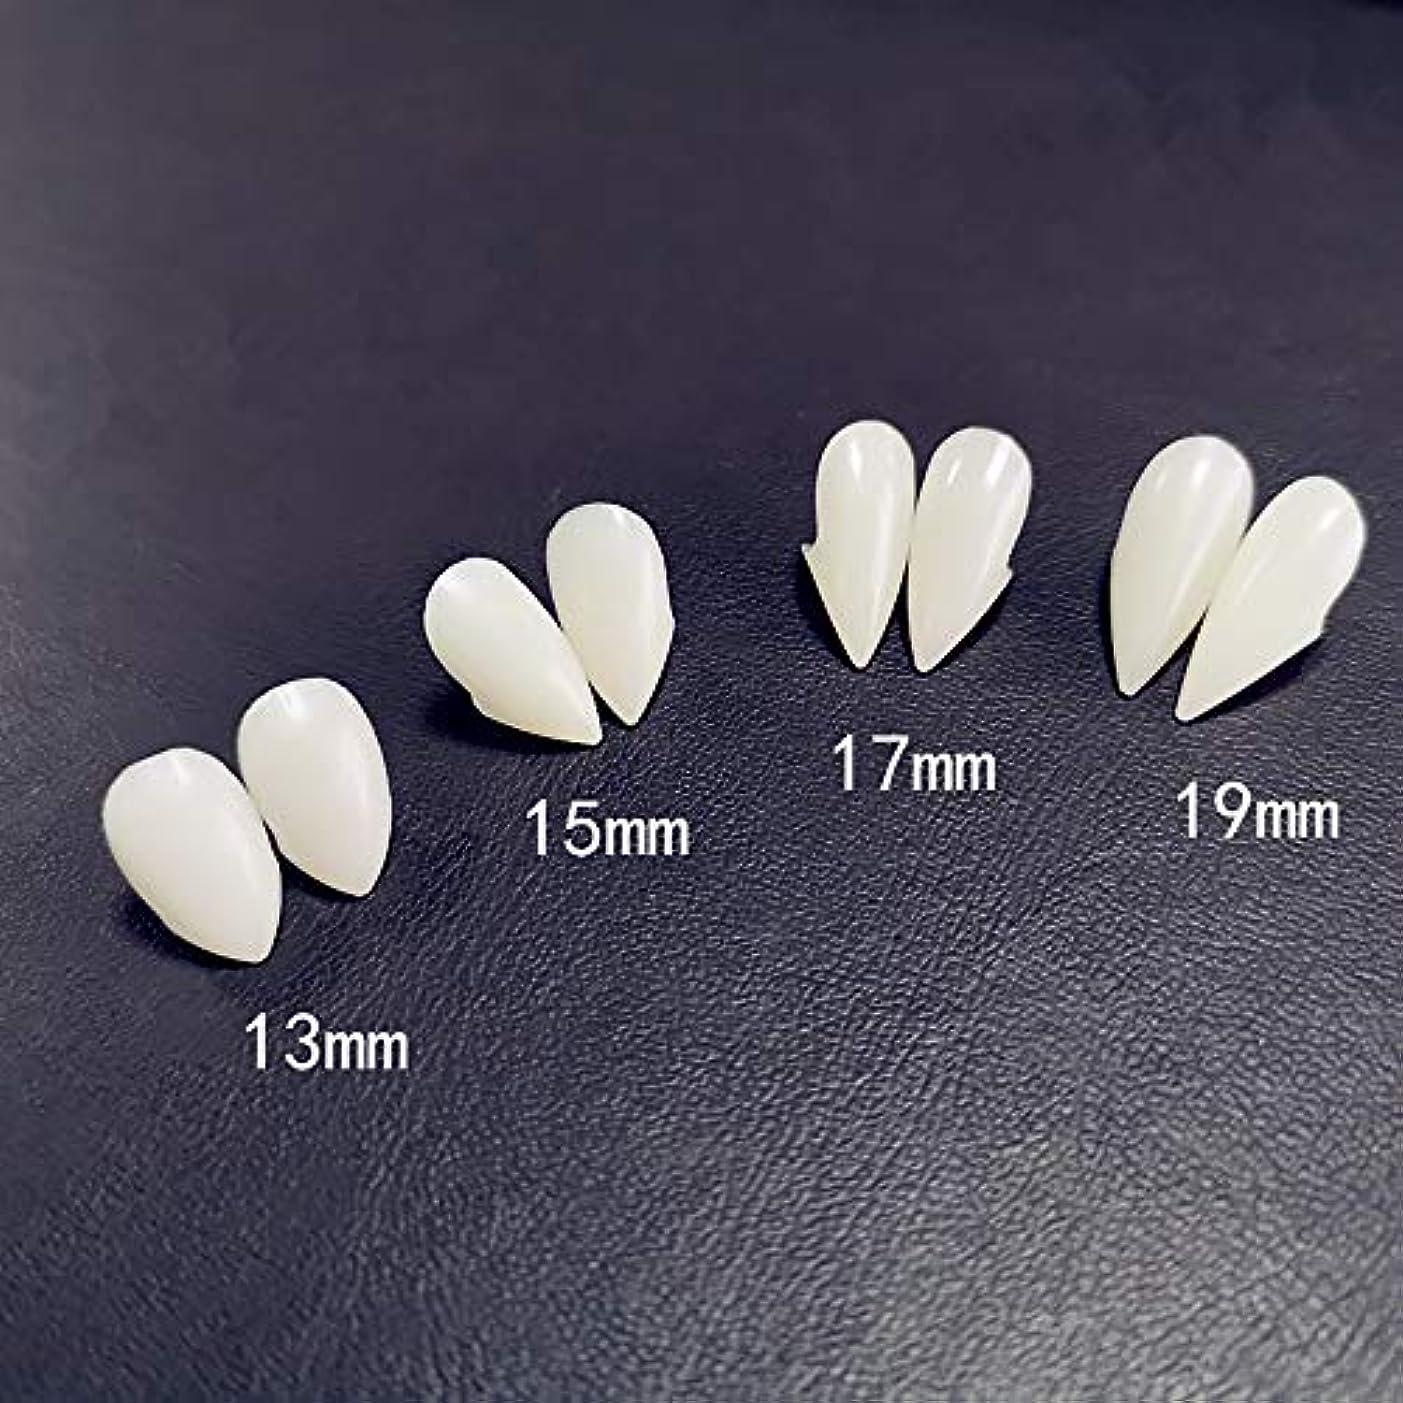 解説アナリスト失態6ペア牙キット歯の入れ歯歯の牙入れ歯小道具ハロウィーンの衣装小道具パーティーの好意休日DIYの装飾ホラー大人のための子供,17mm